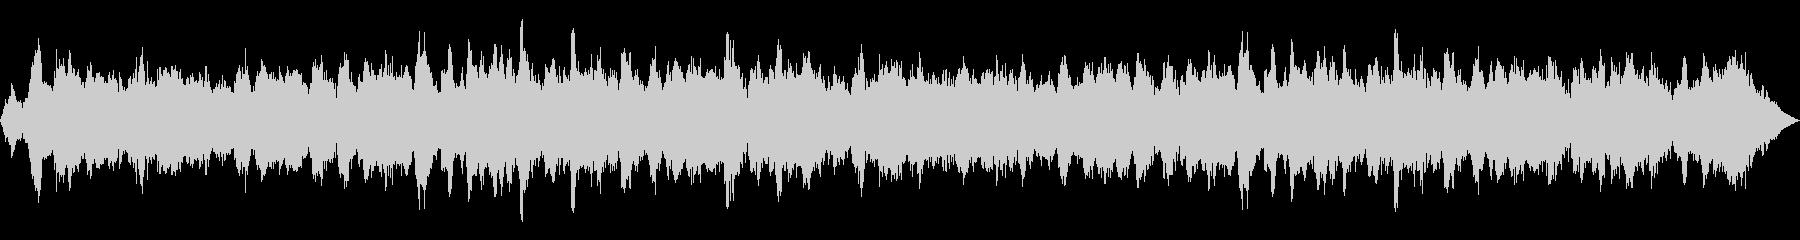 超絶技巧的バイオリン30秒BGMの未再生の波形